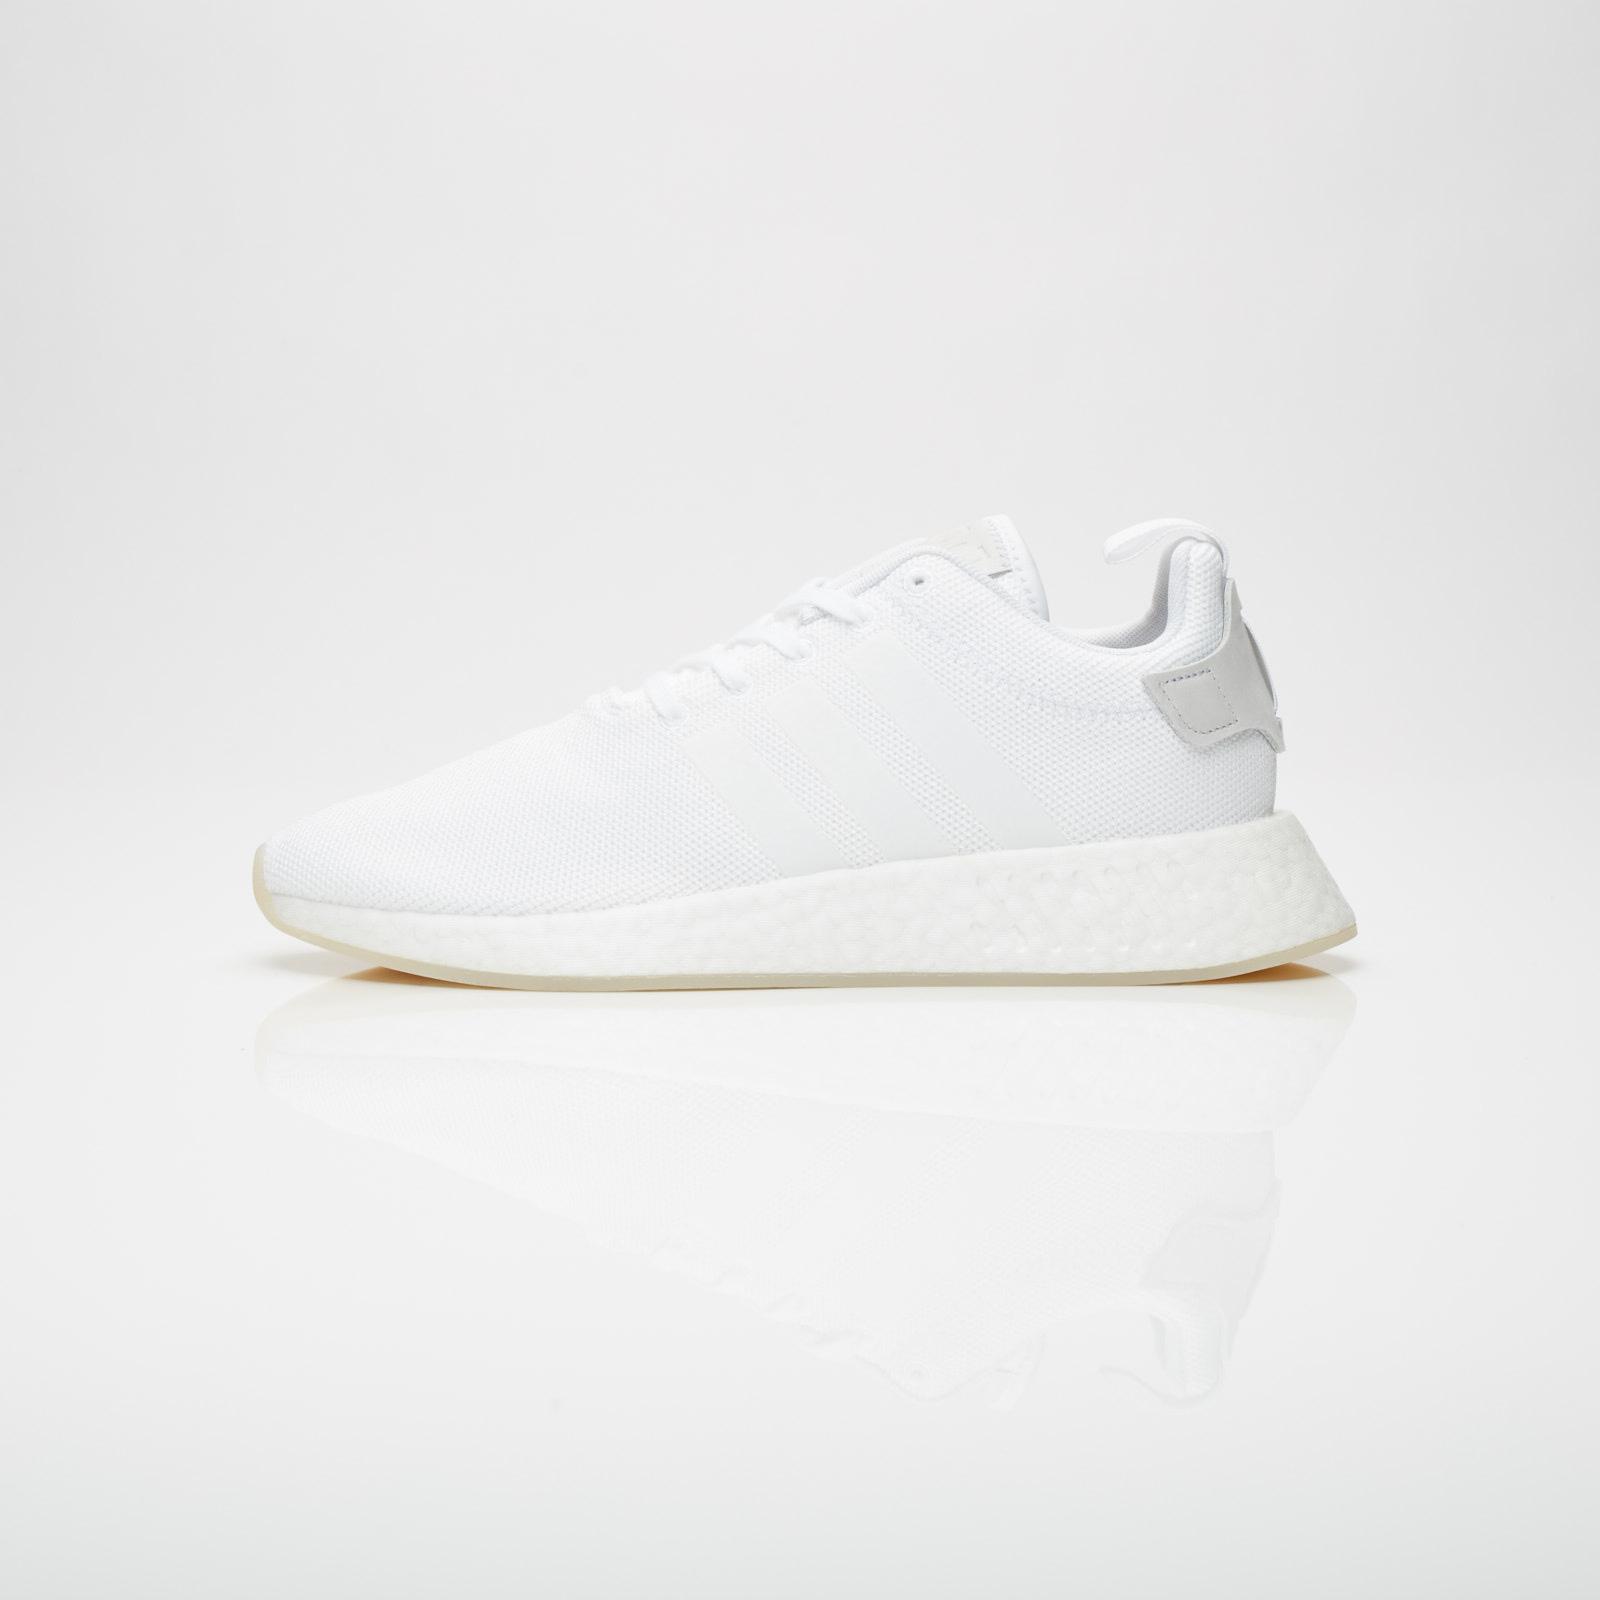 Adidas nmd r2 cq2401 scarpe da ginnasticanstuff scarpe & streetwear